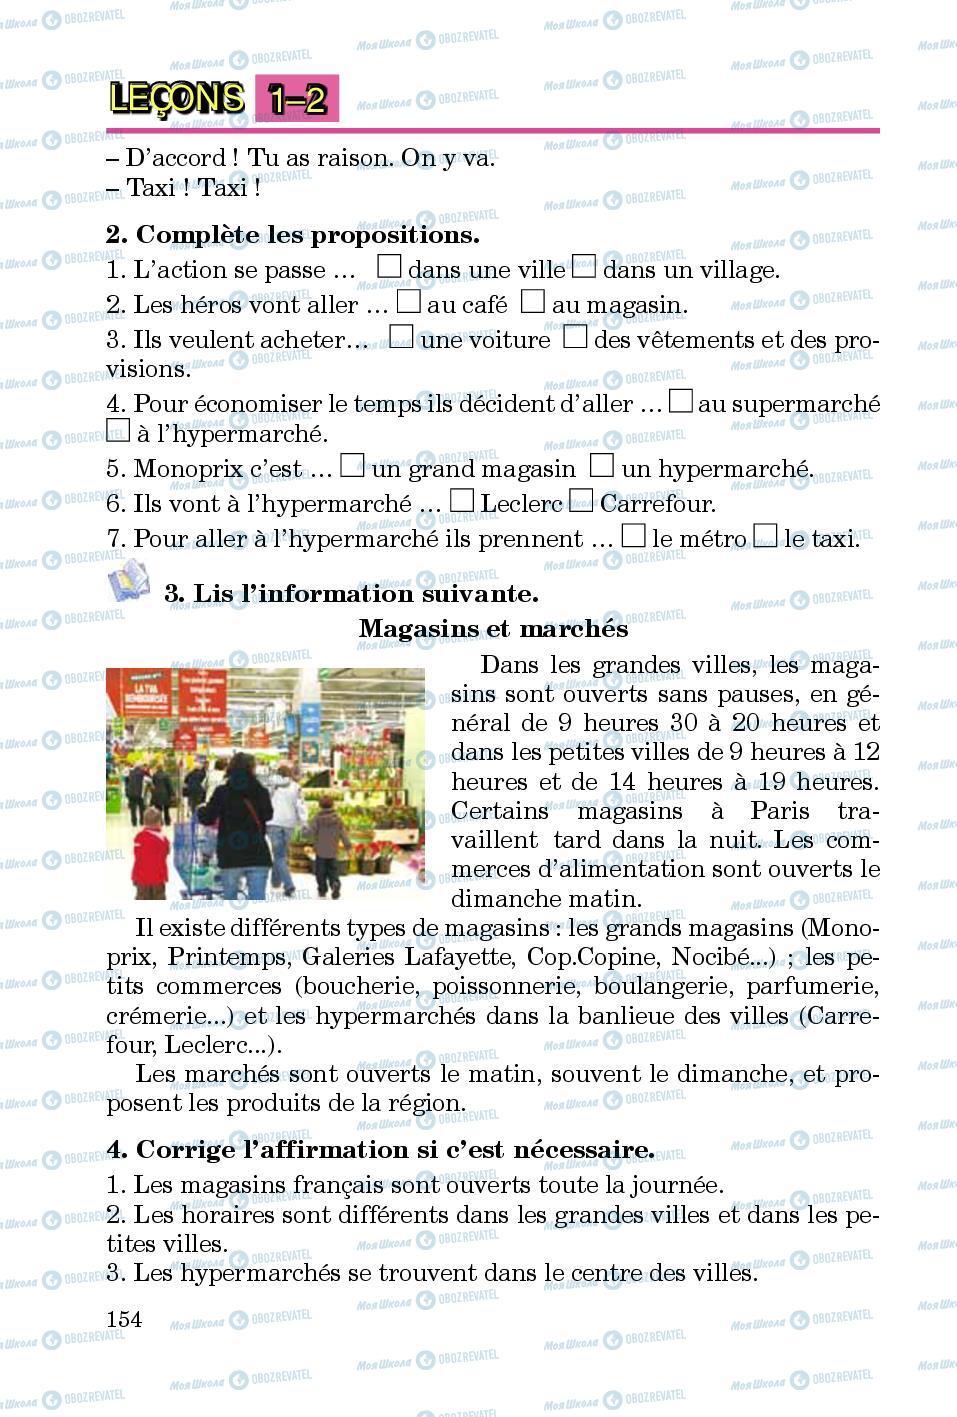 Підручники Французька мова 5 клас сторінка 154